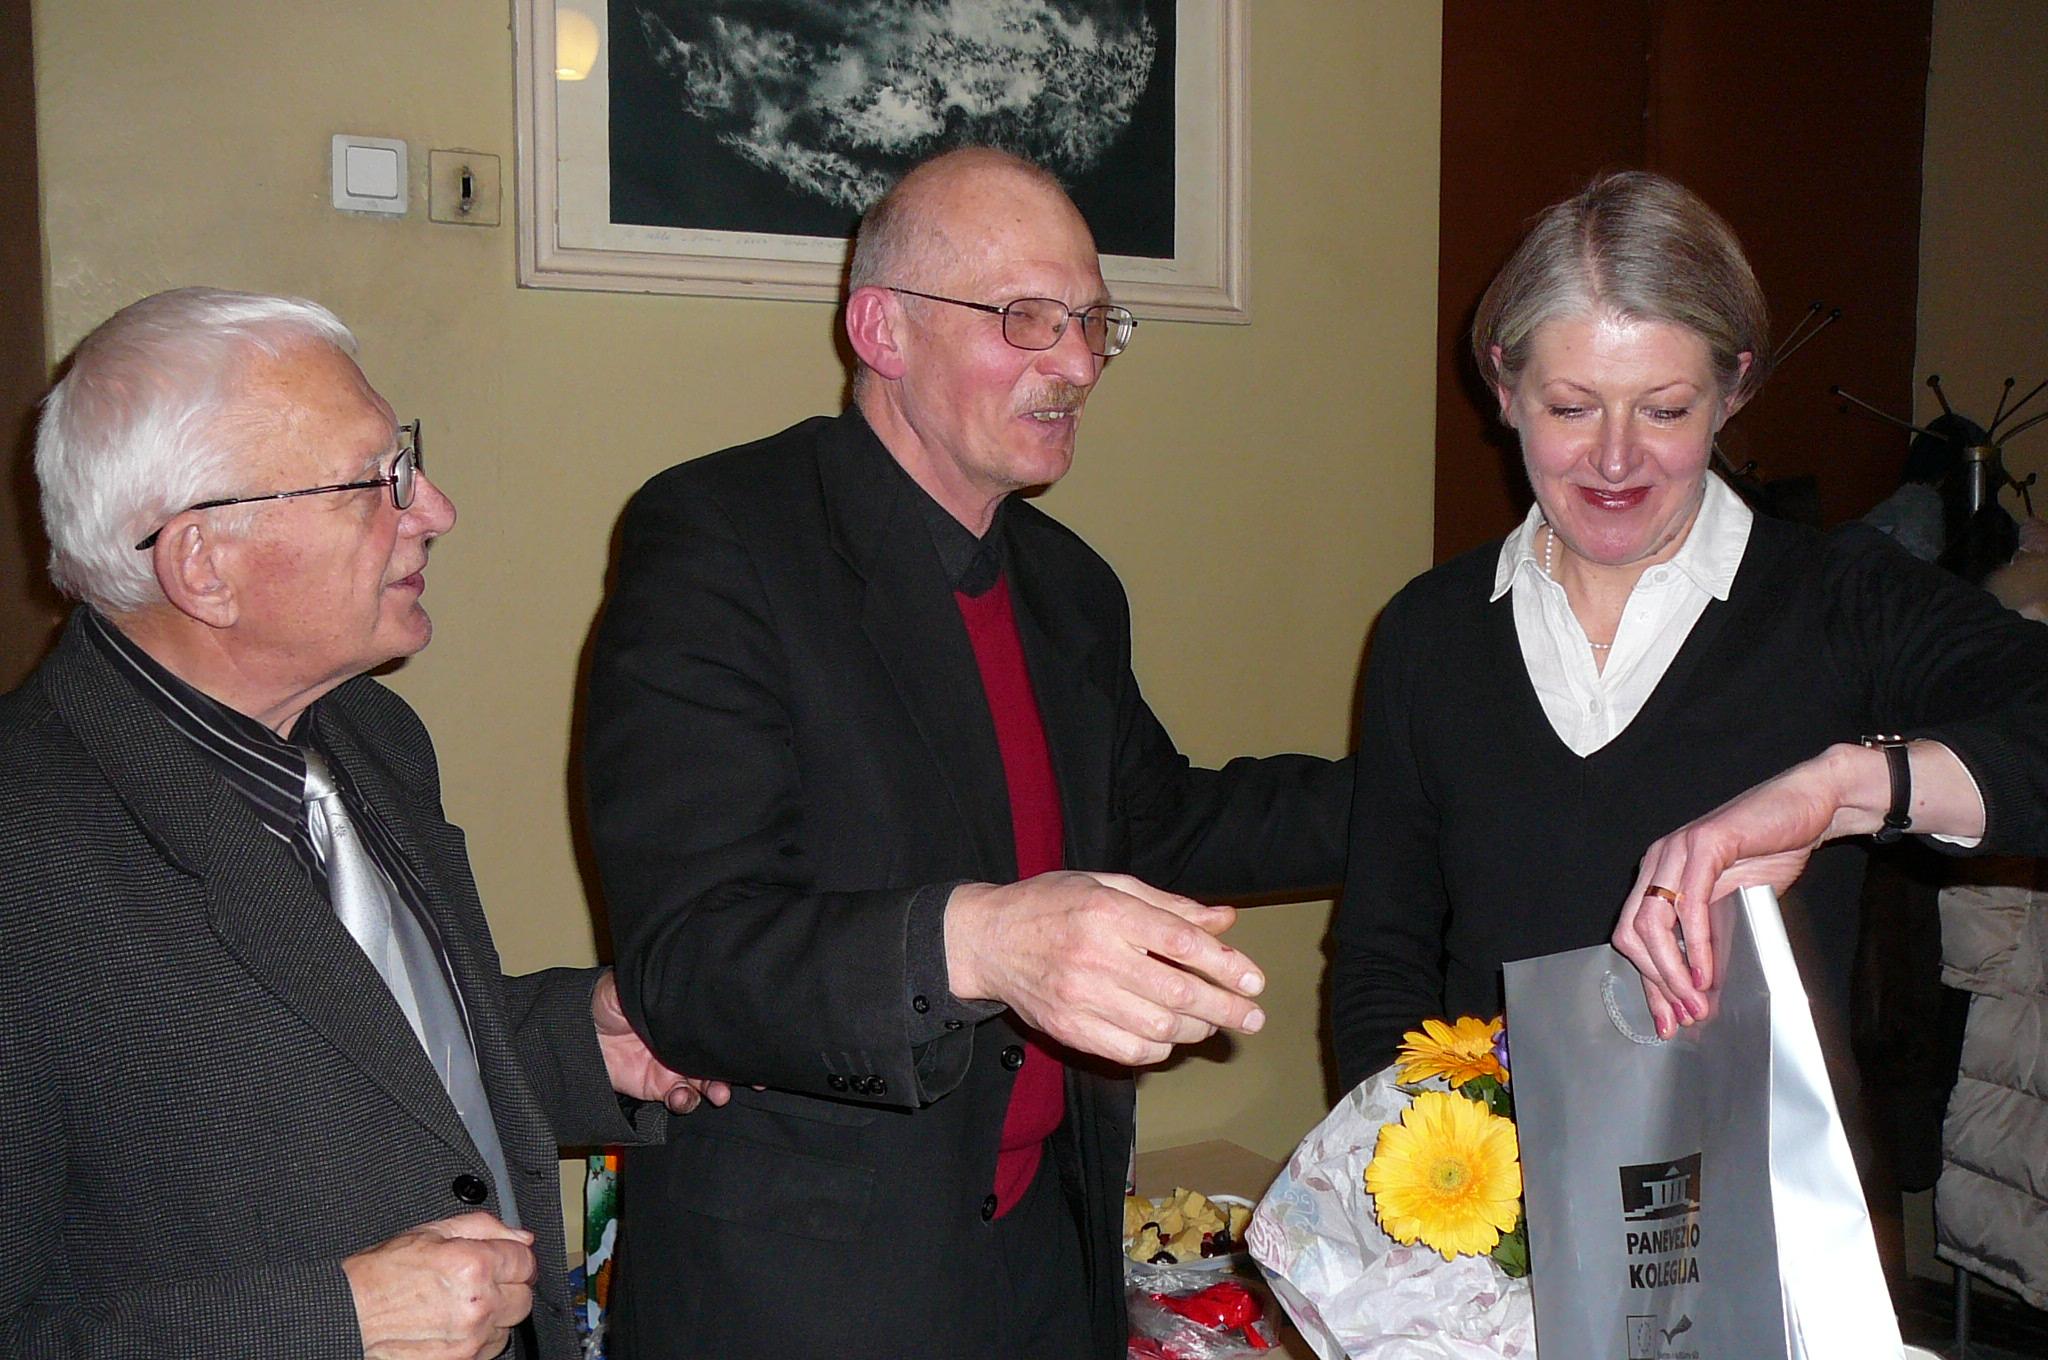 Padėkos žodžiai po pranešimo - A. Gurskas, G. Kviklys ir V. Markeliūnienė.